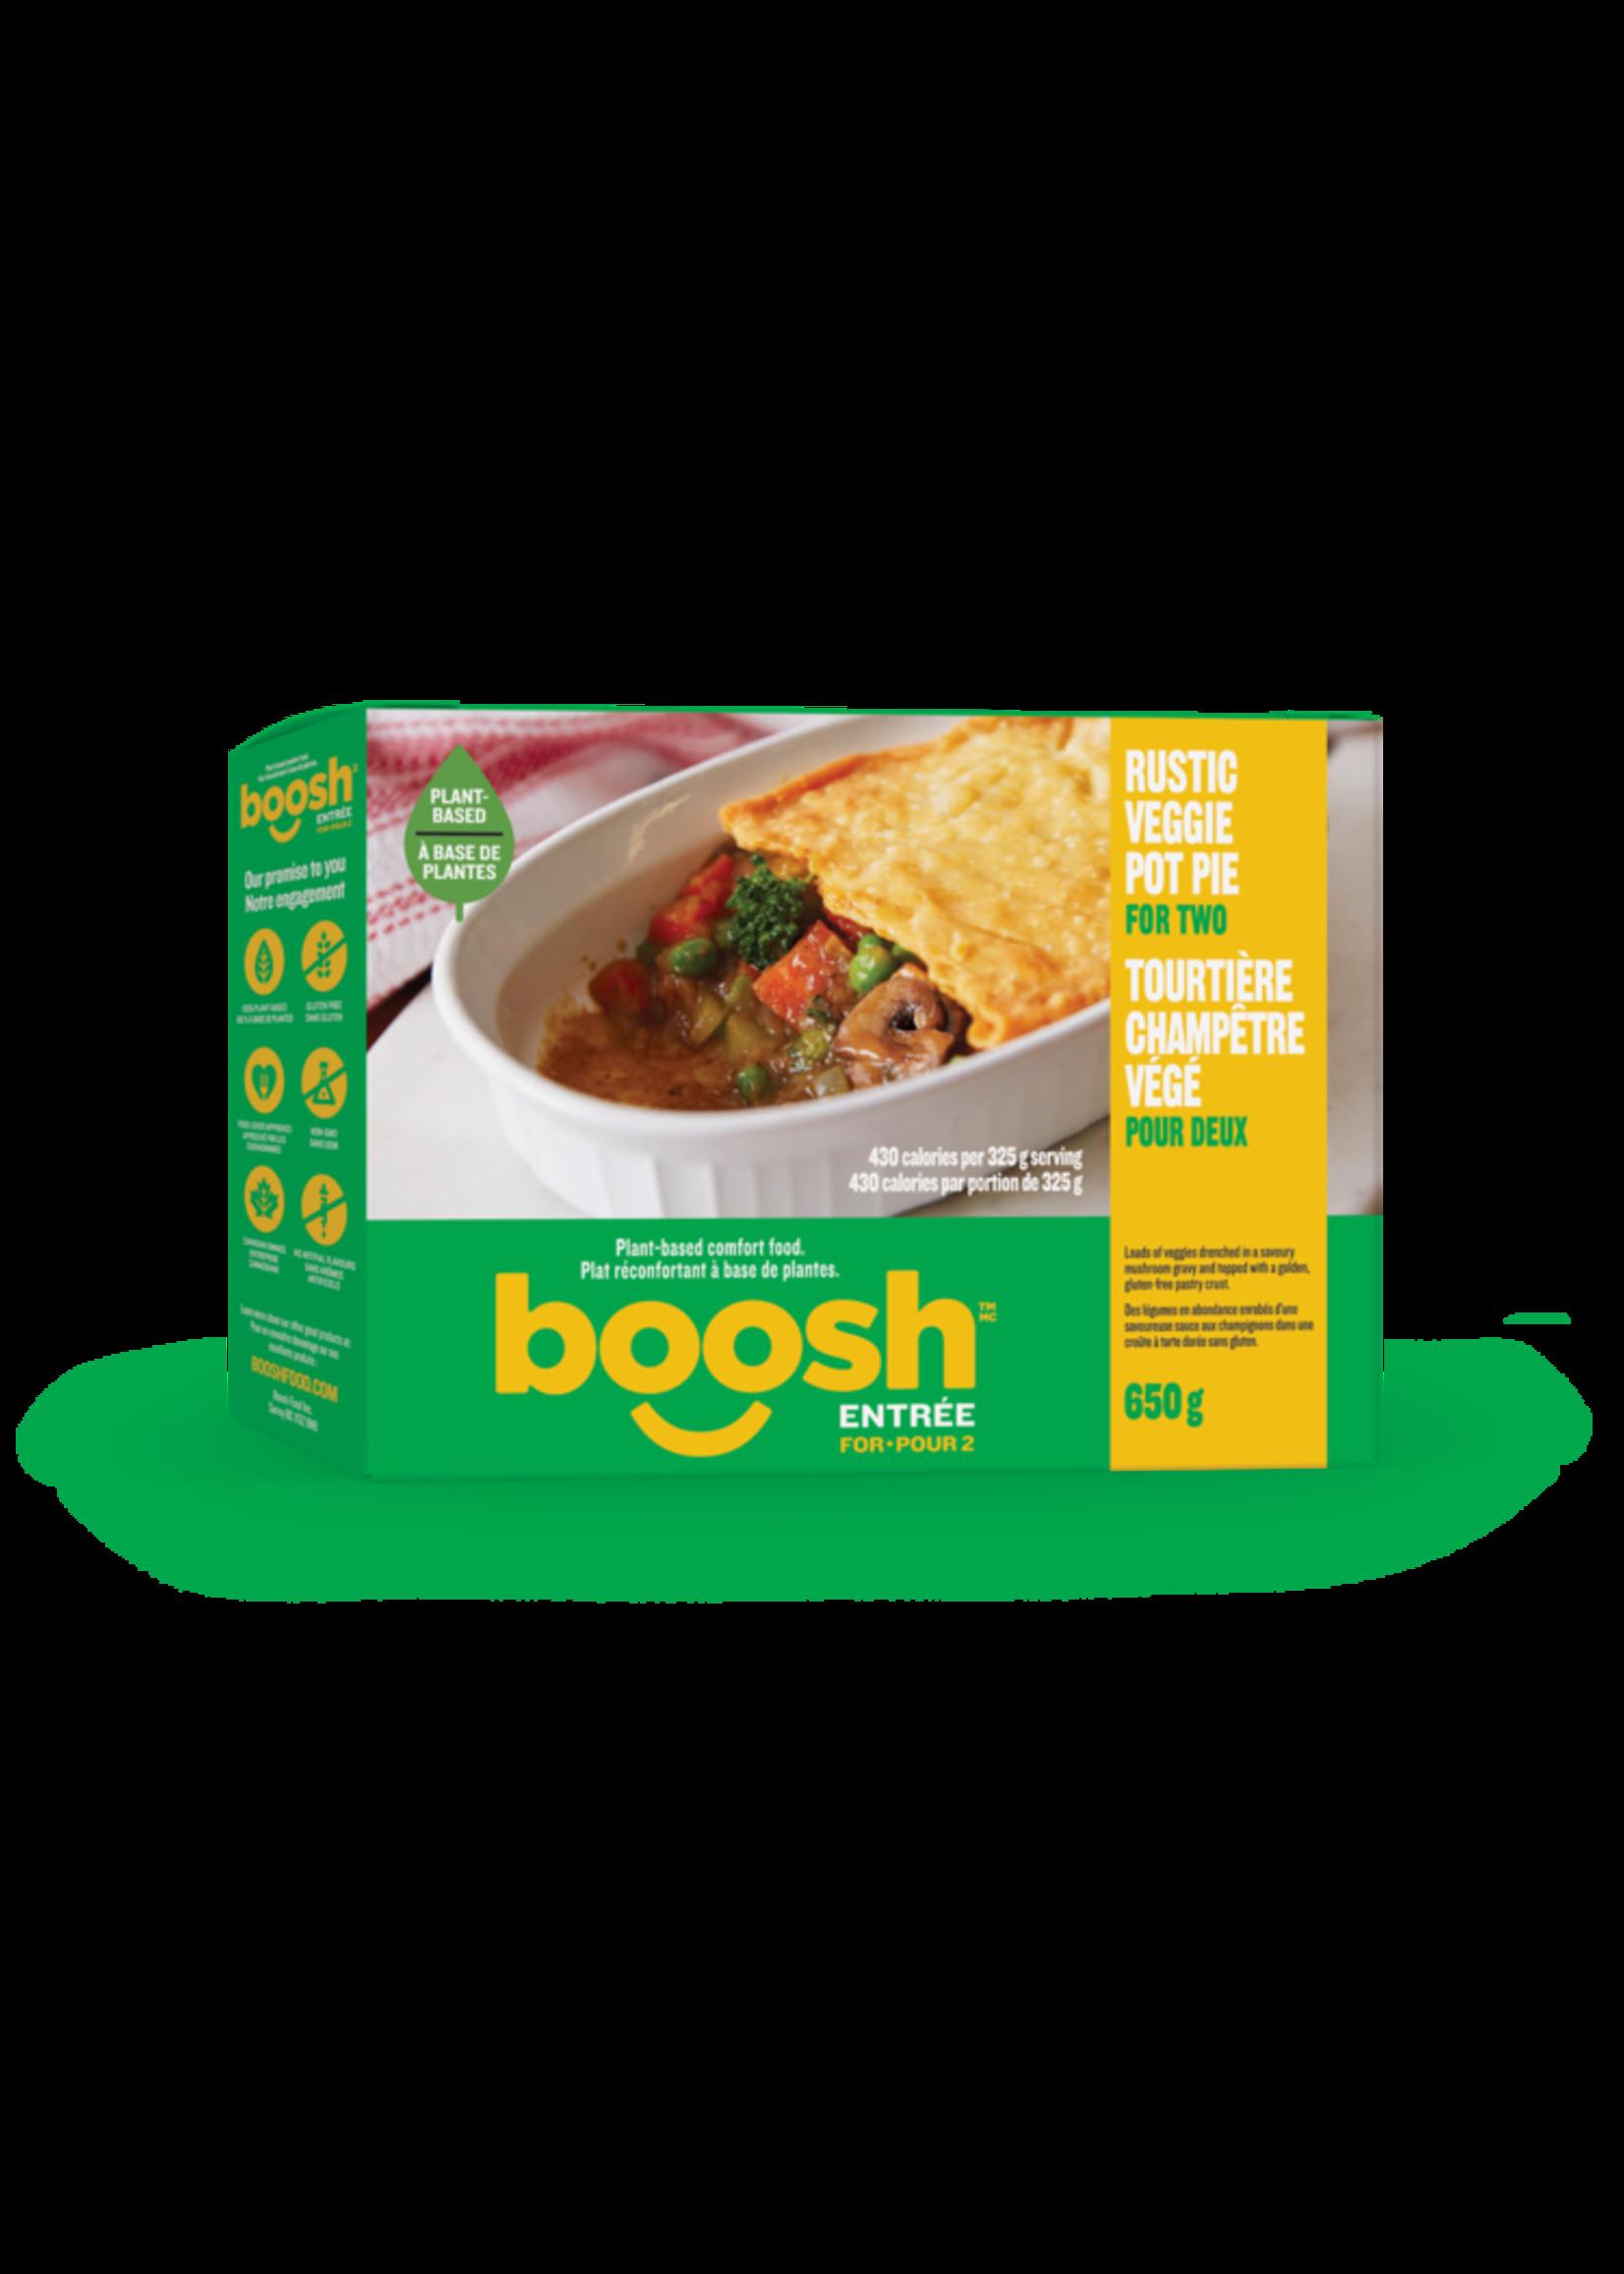 Boosh BOOSH- Rustic Veg Pot Pie